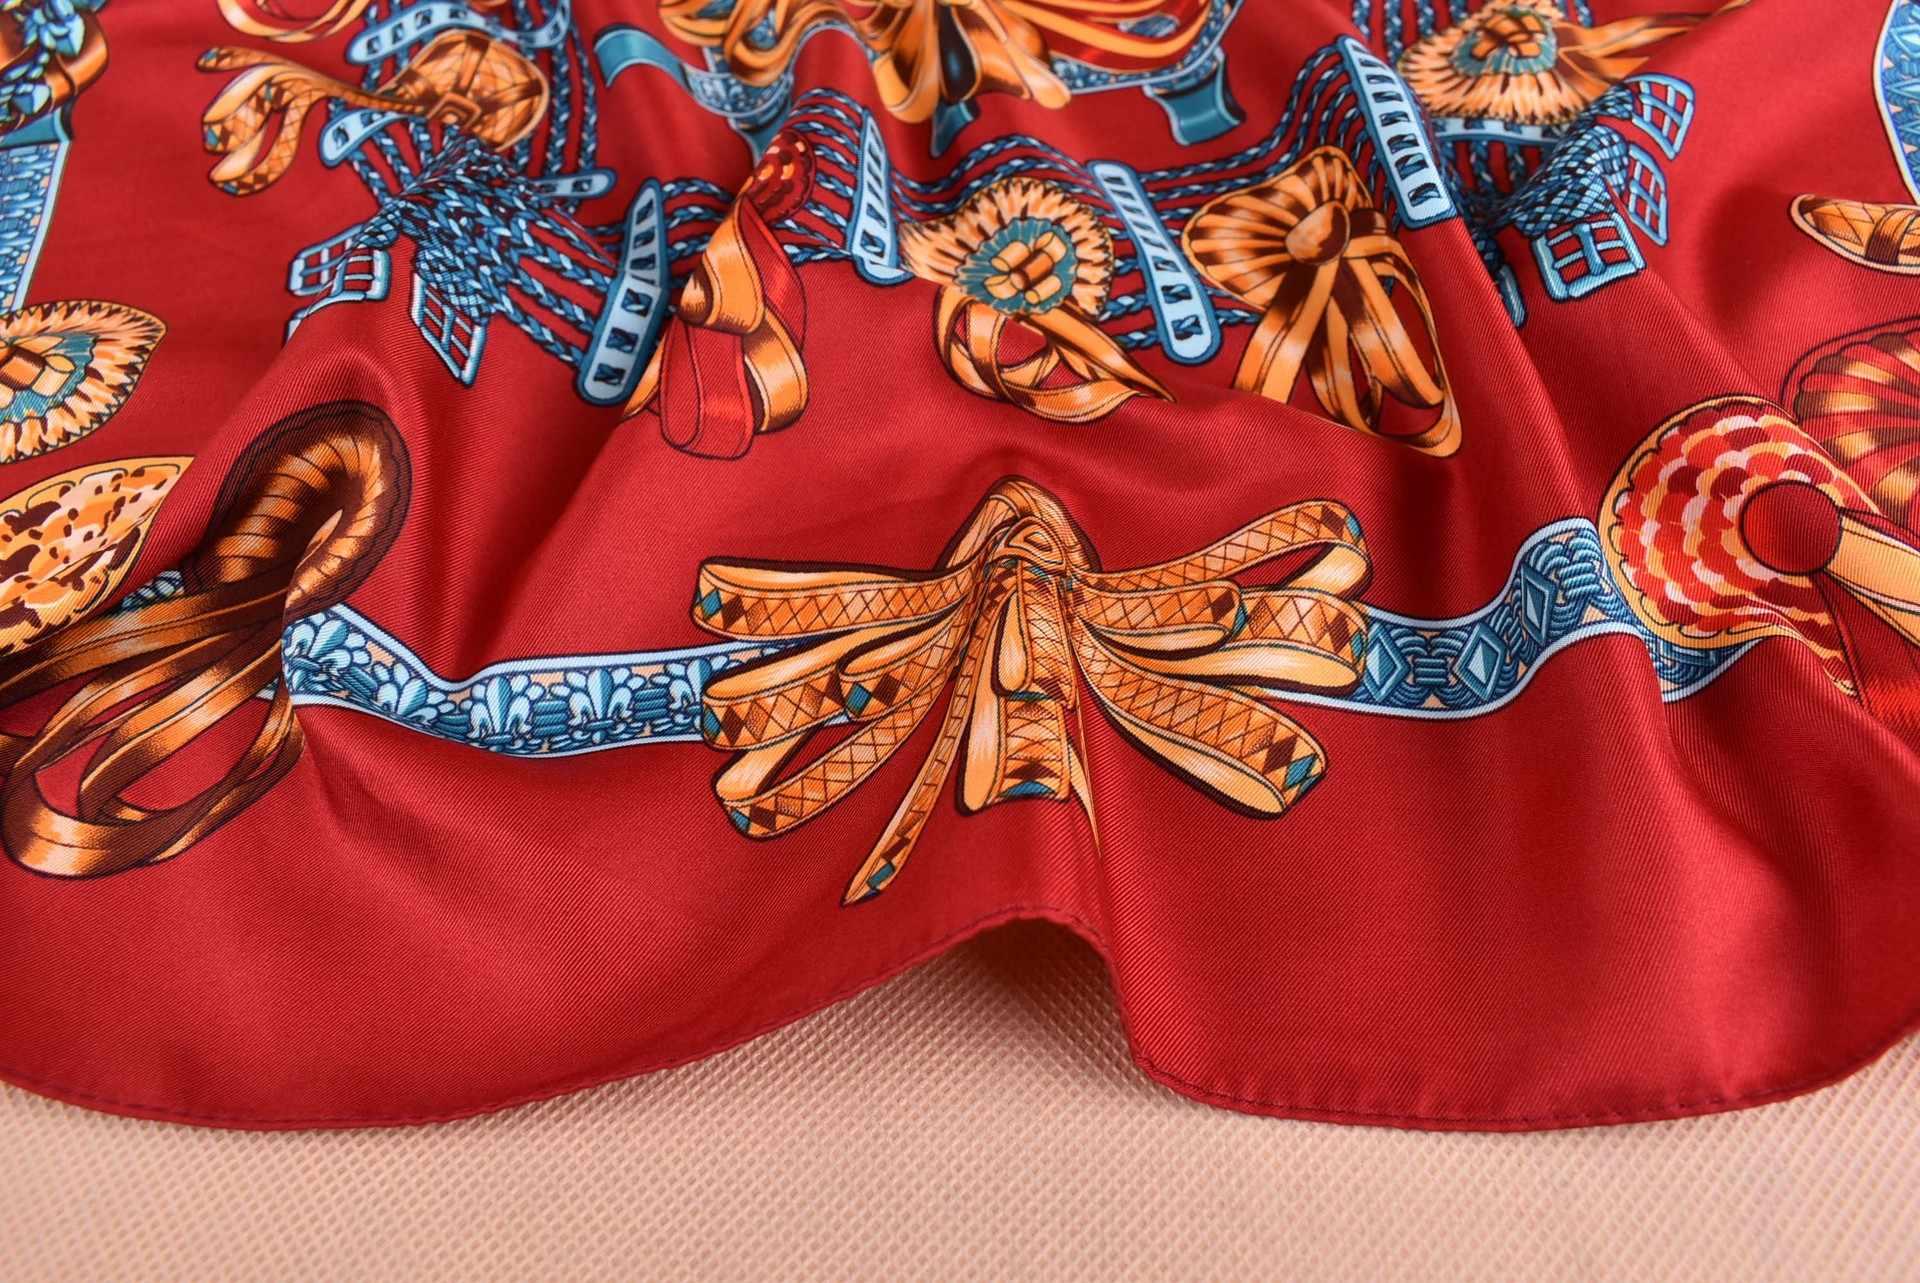 Bufandas de moda para mujer chal estampado seda satén bufanda femenina 70cm x 70cm marca de lujo cuadrado chales hiyab pañuelos para la cabeza para damas